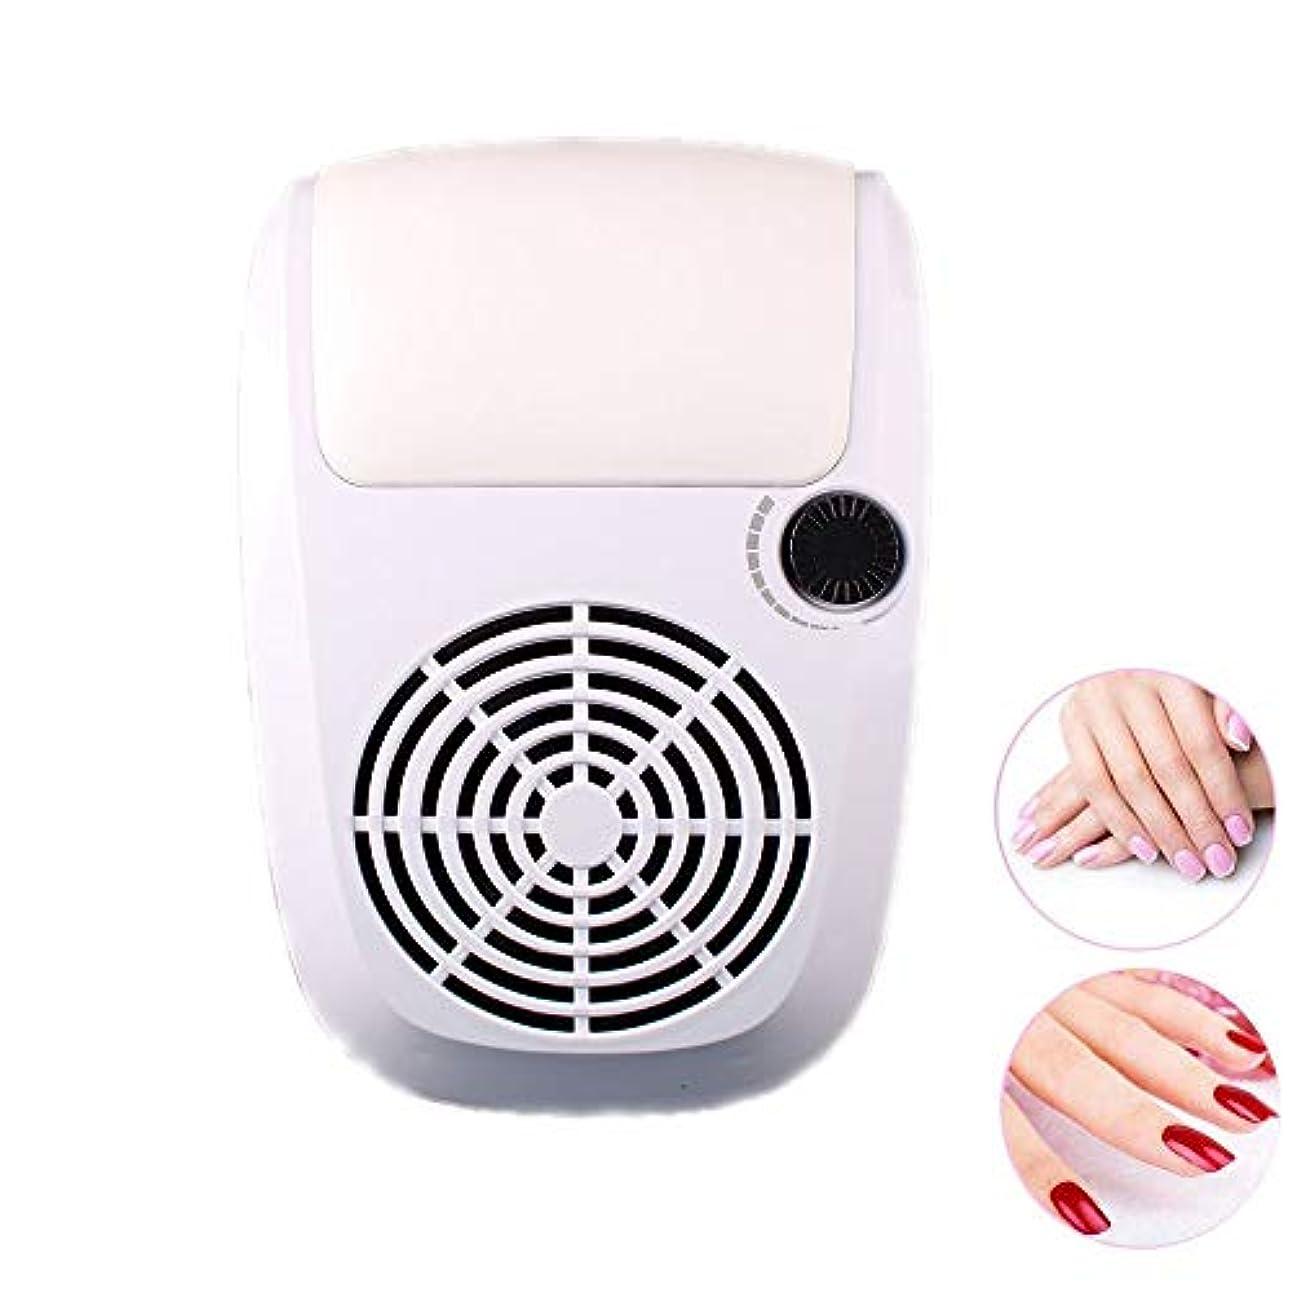 精緻化ギャングライン調節可能な掃除機、2つの塵袋が付いている調節可能で強力で釘の掃除機のマニキュア用具、実用的で釘の大広間のクリーニング装置,白